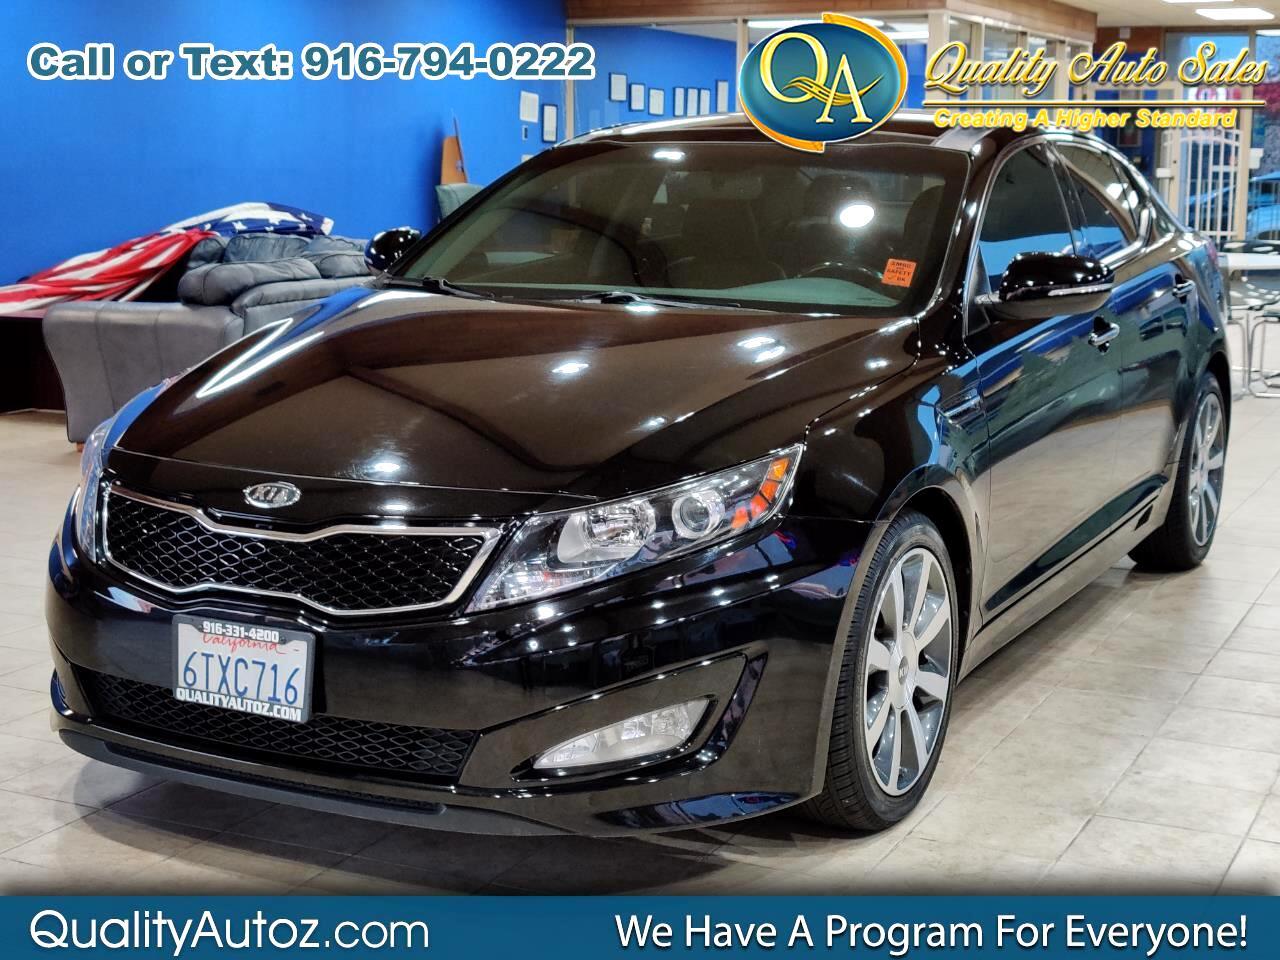 Kia Optima 4dr Sdn 2.0T Auto SX 2012